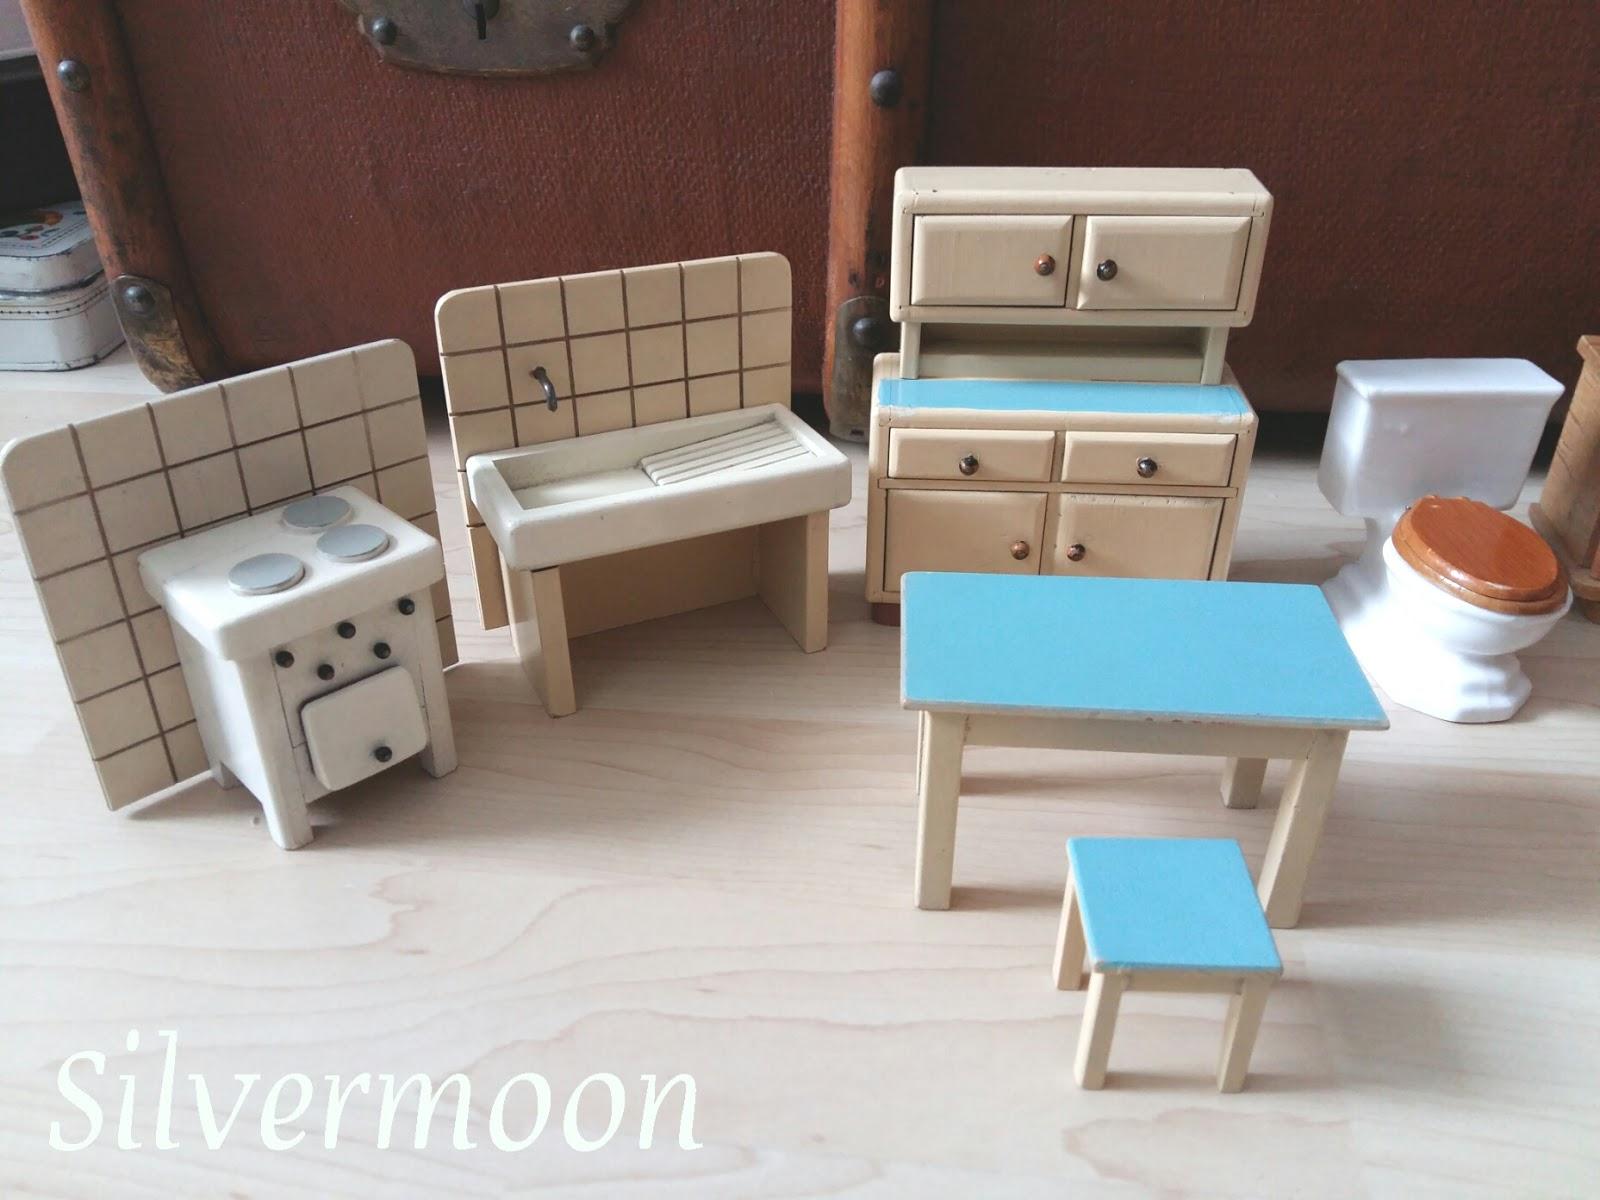 silvermoon puppenhausm bel vorher nachher. Black Bedroom Furniture Sets. Home Design Ideas